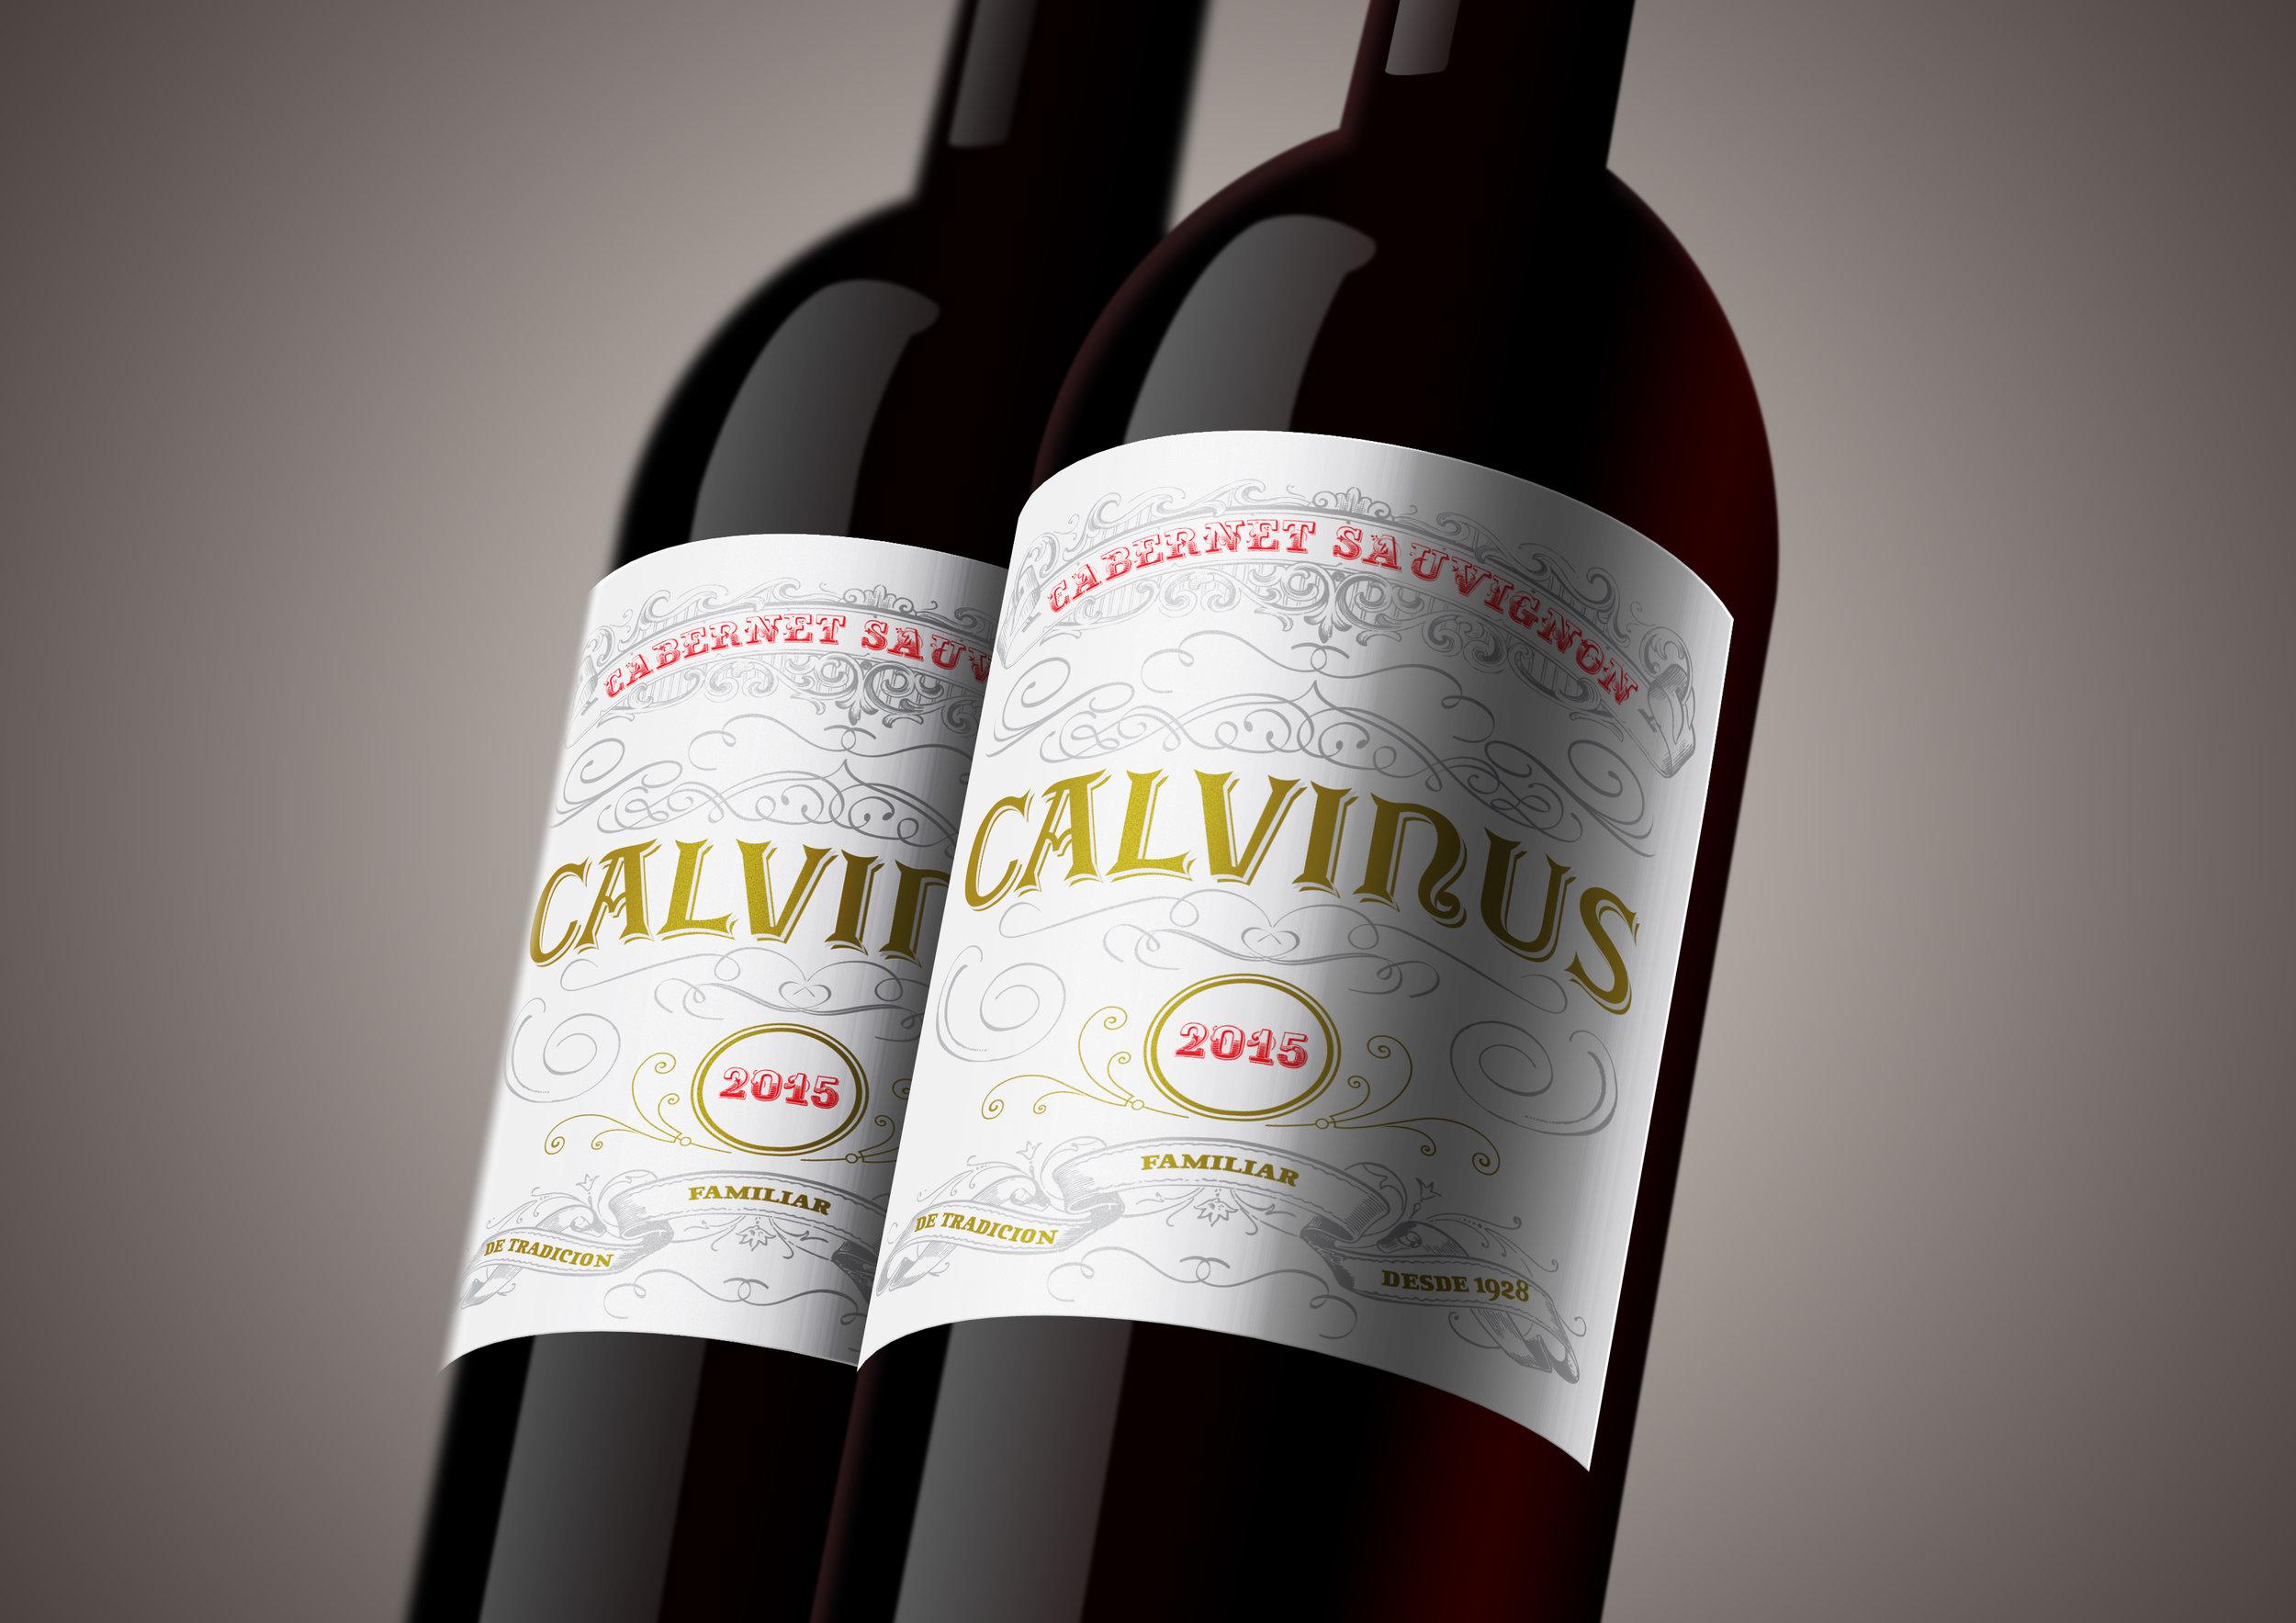 Calvinus 2 bottle shot.jpg